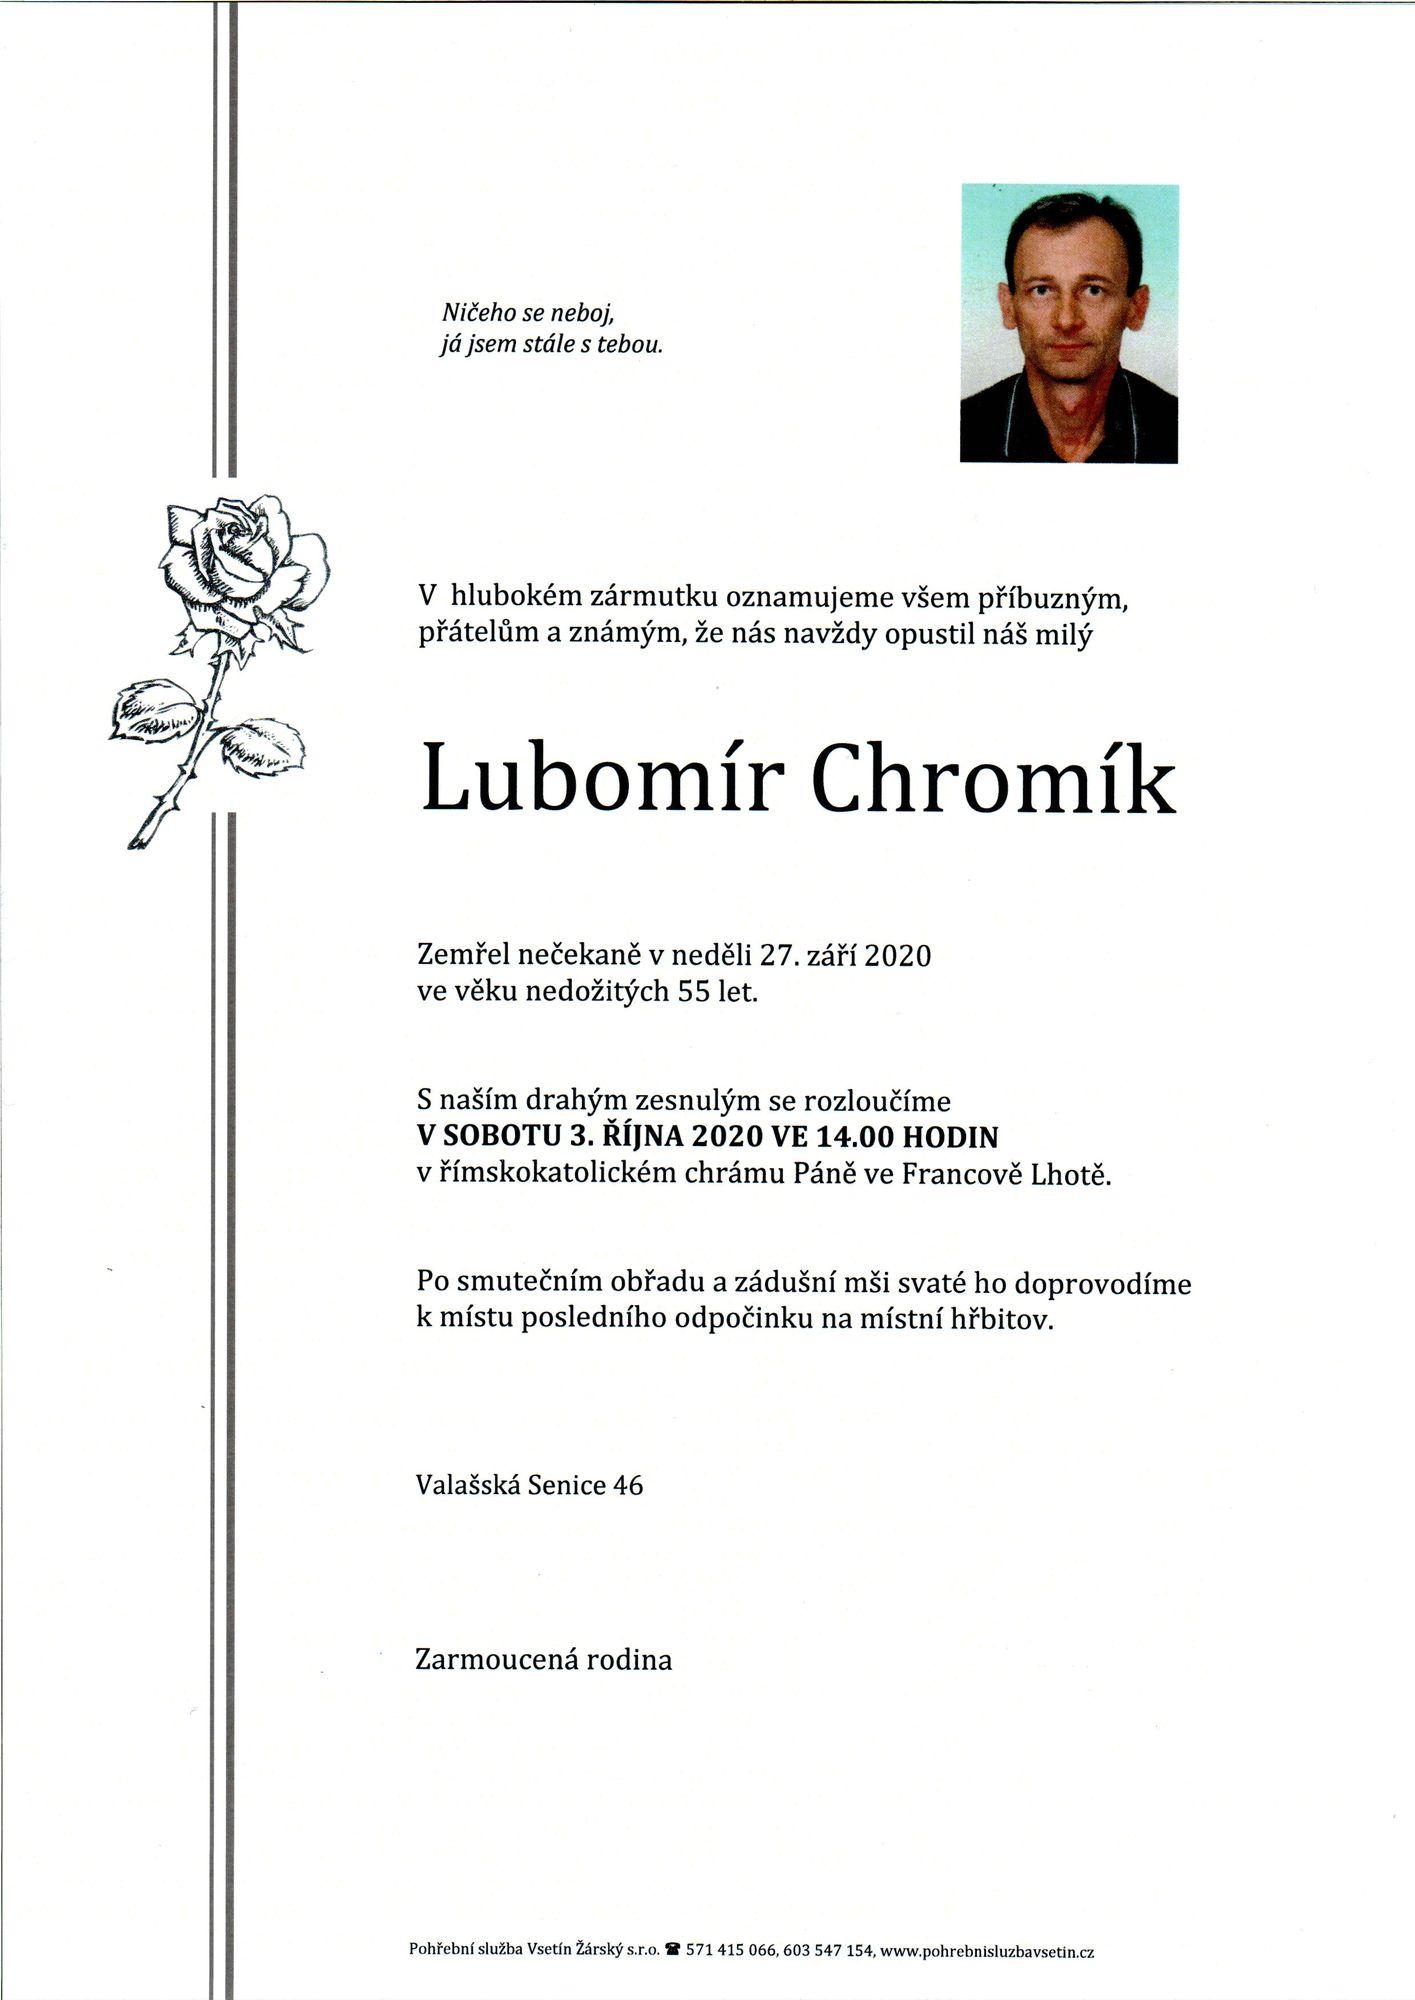 Lubomír Chromík